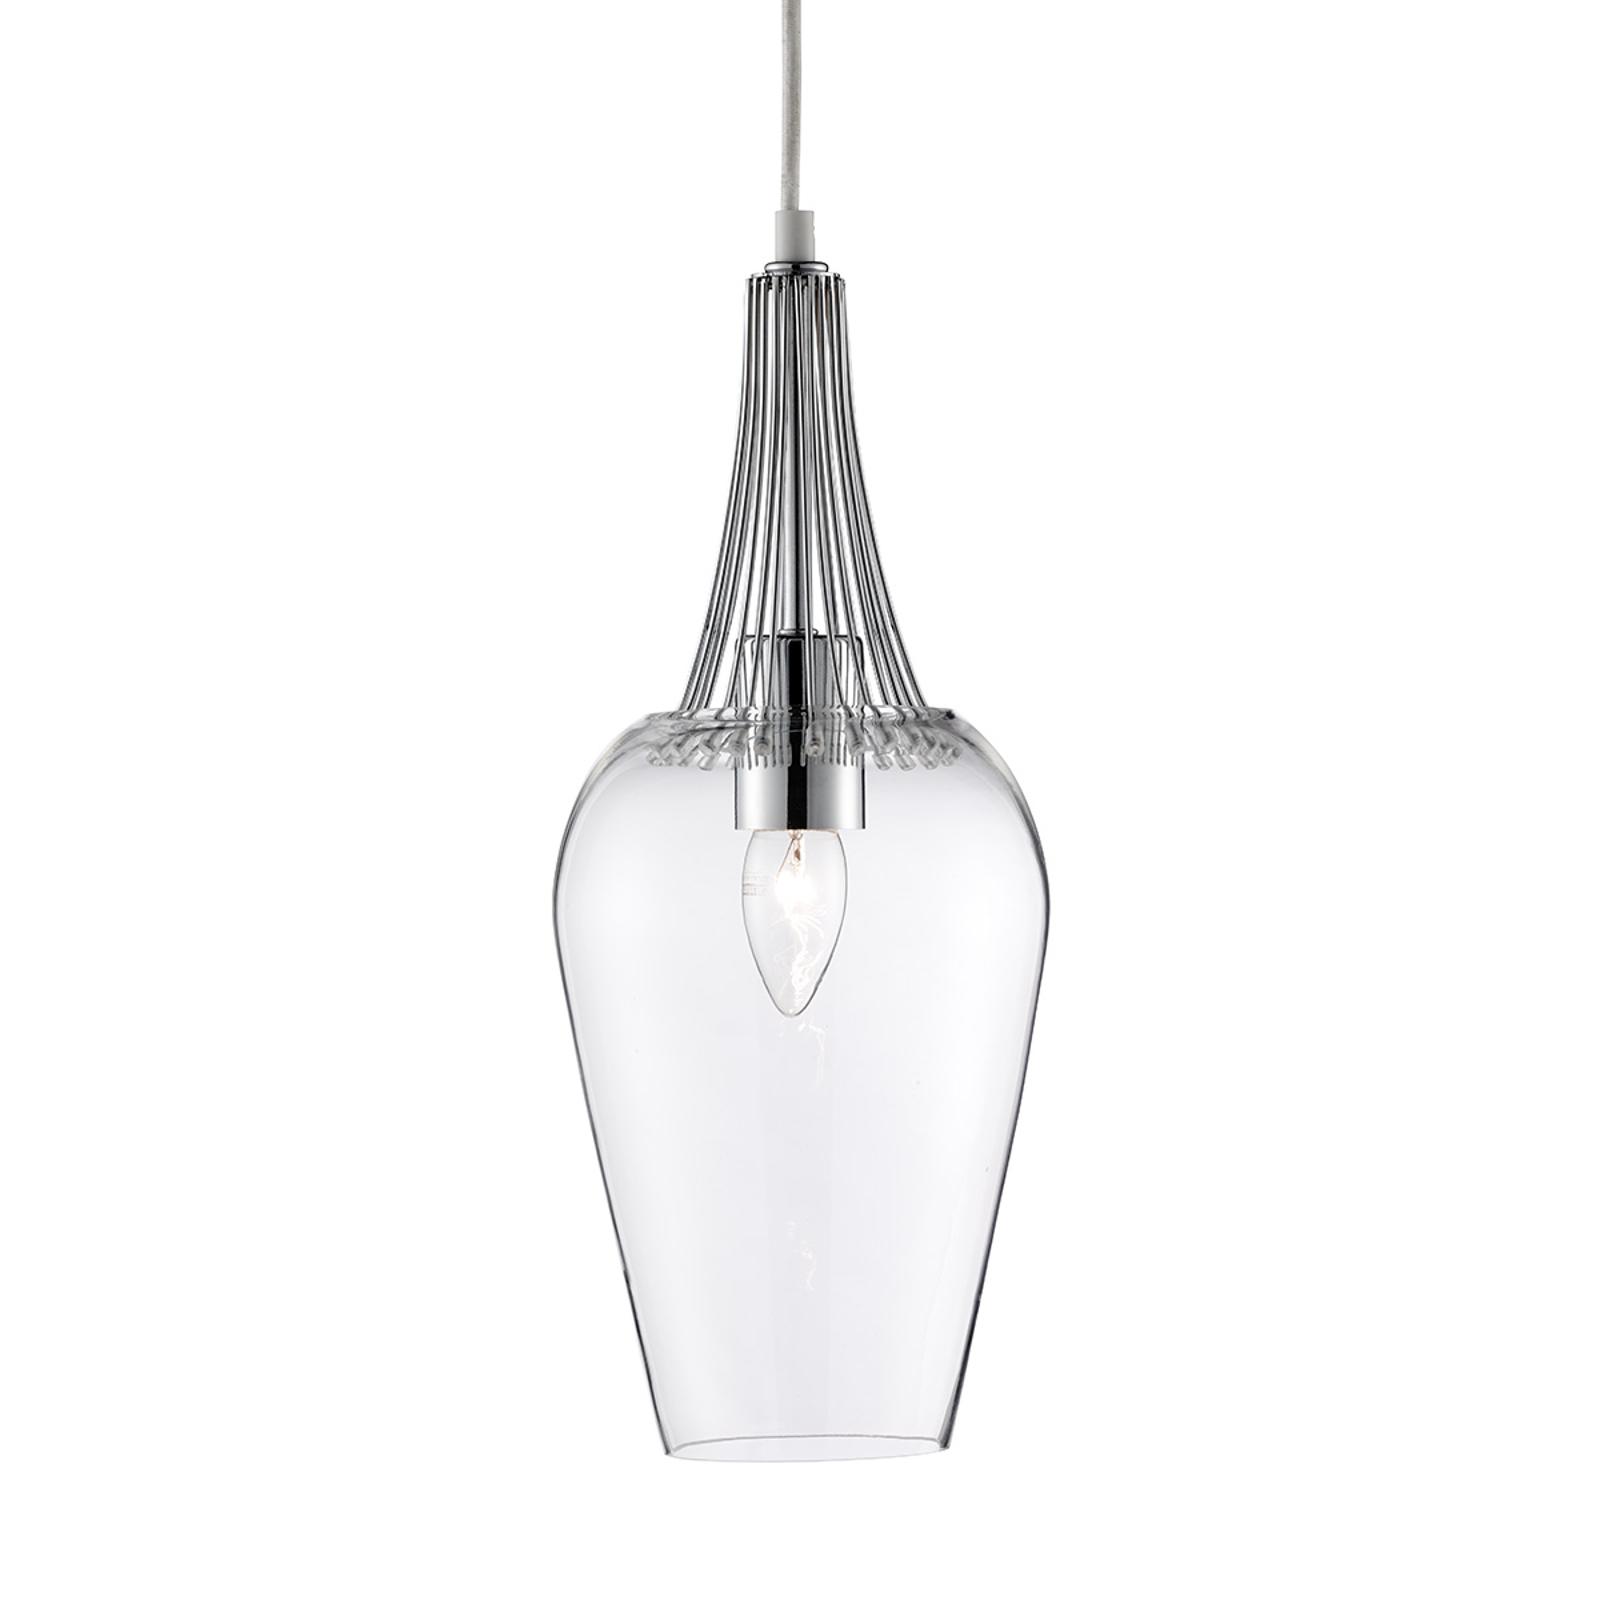 Lampa wisząca Whisk z chromowanymi elementami